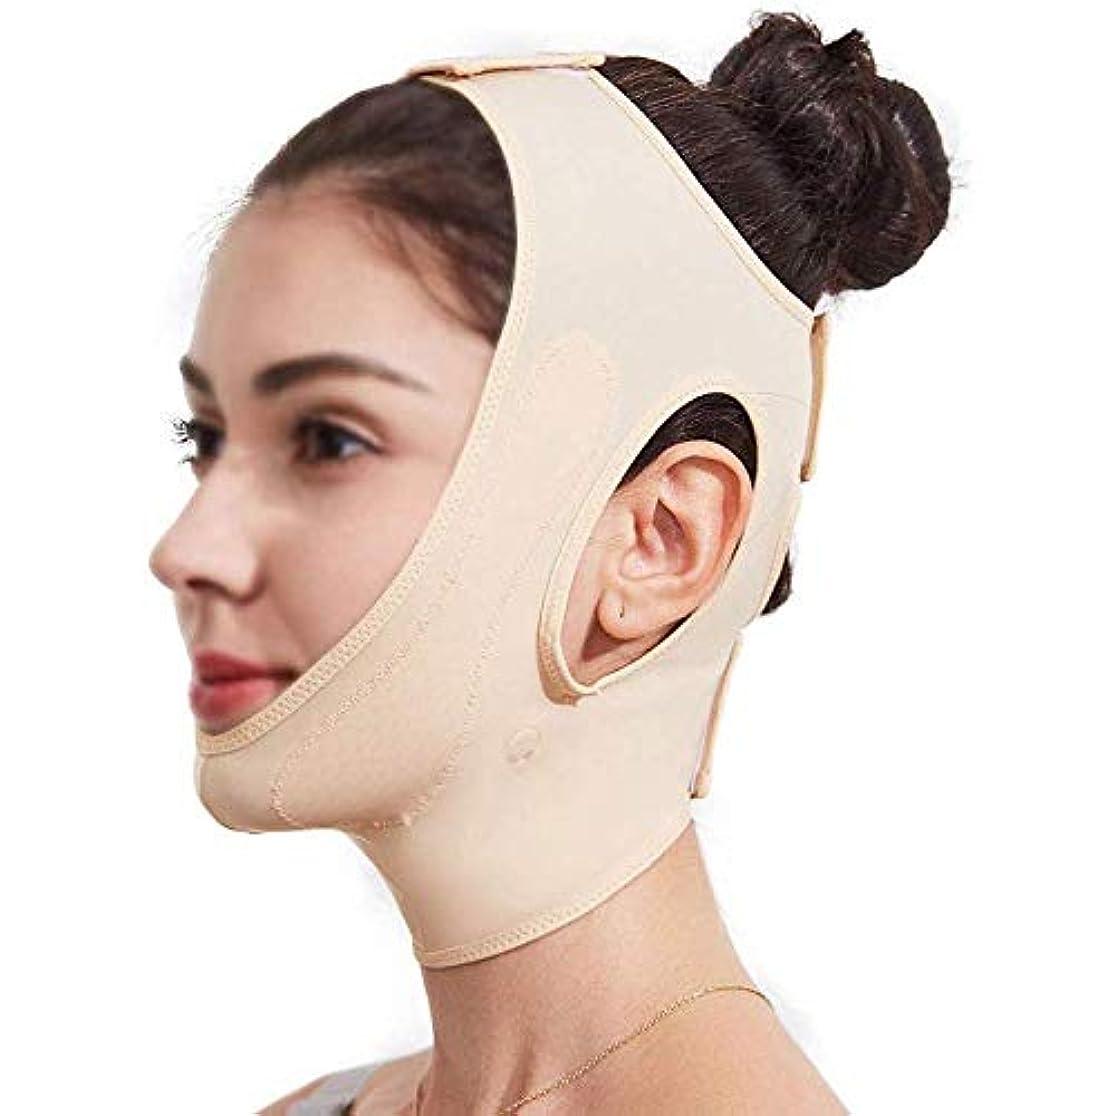 スカウトストッキング墓地HEMFV 顔のリフトスリミングベルトは、スリムリフトコンパクト顔の皮膚のためのスキン包帯二重あごスリミングベルトを締め (Color : Skin color)